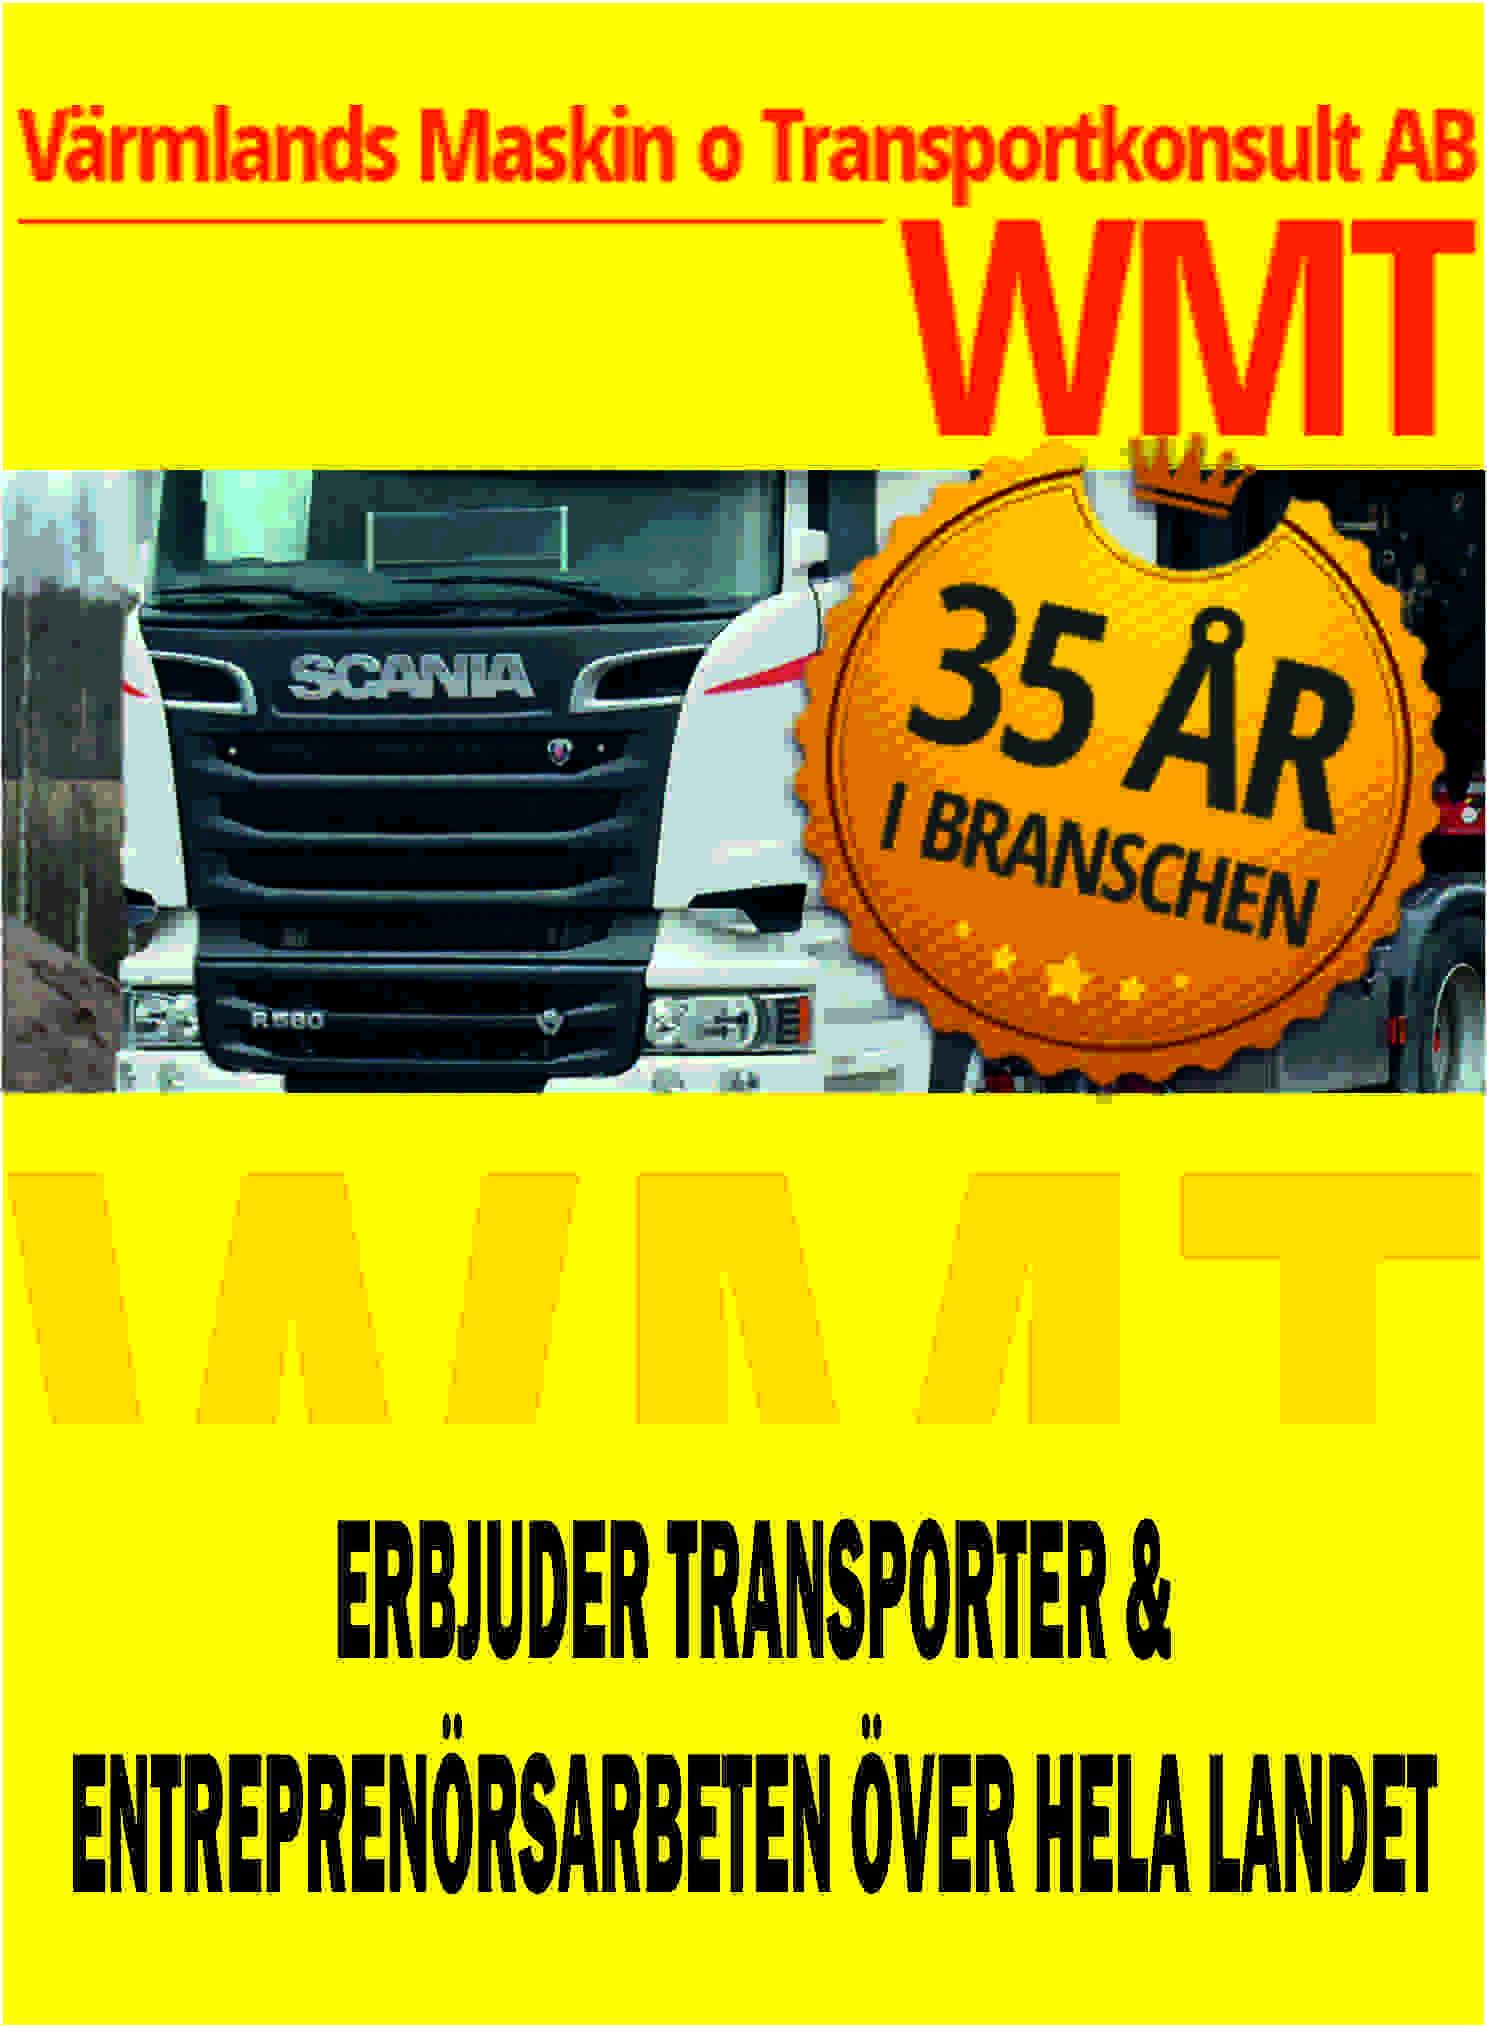 www_wmt